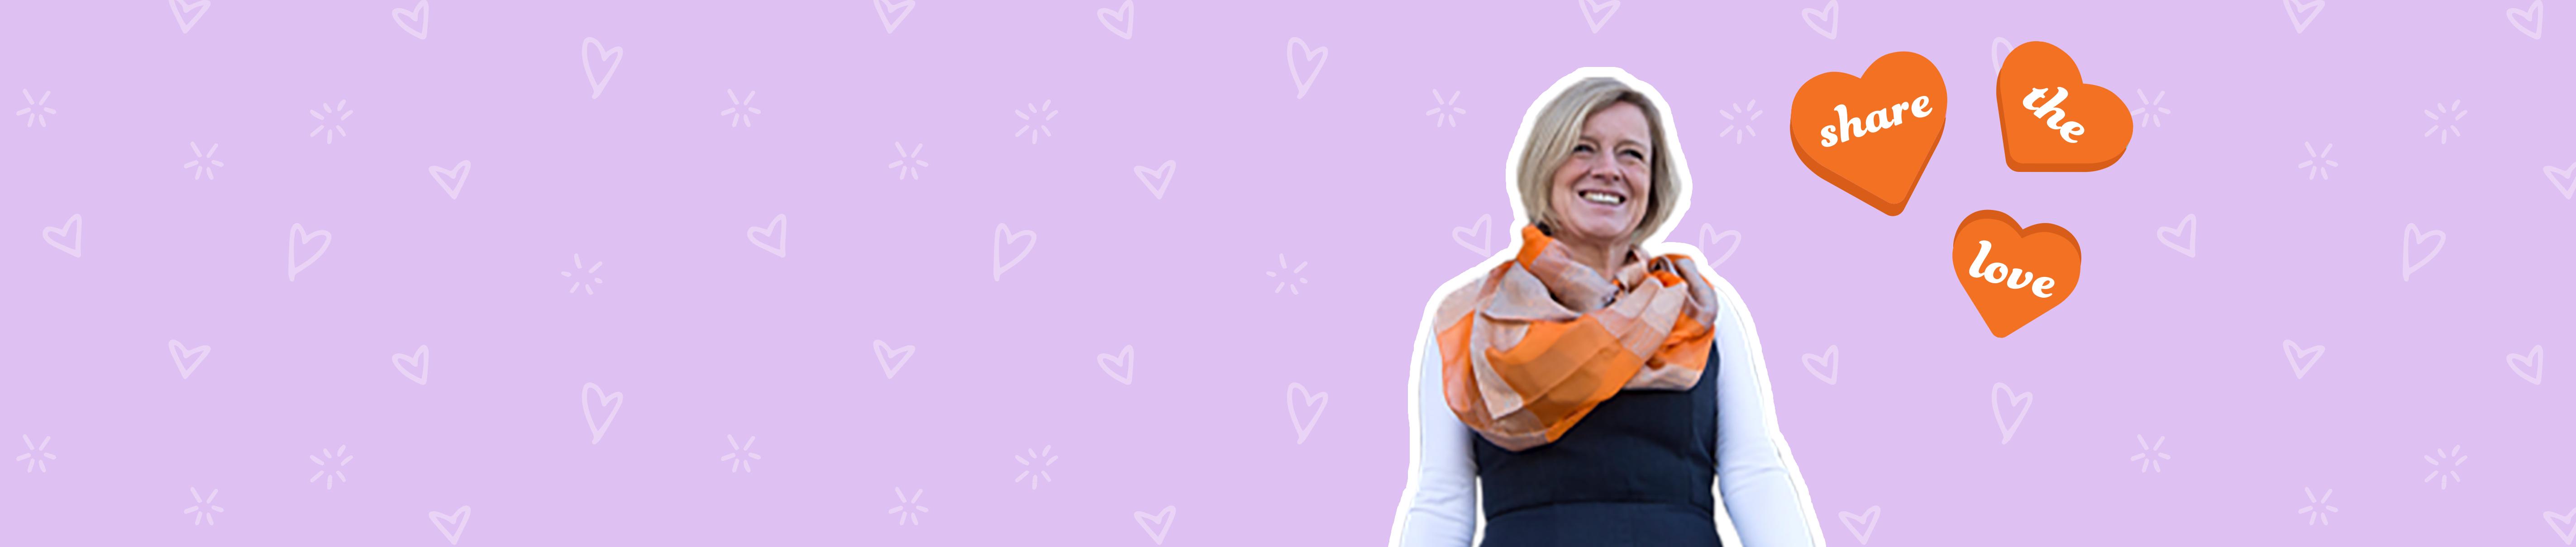 ANDP-Valentines-Banner-v2.png